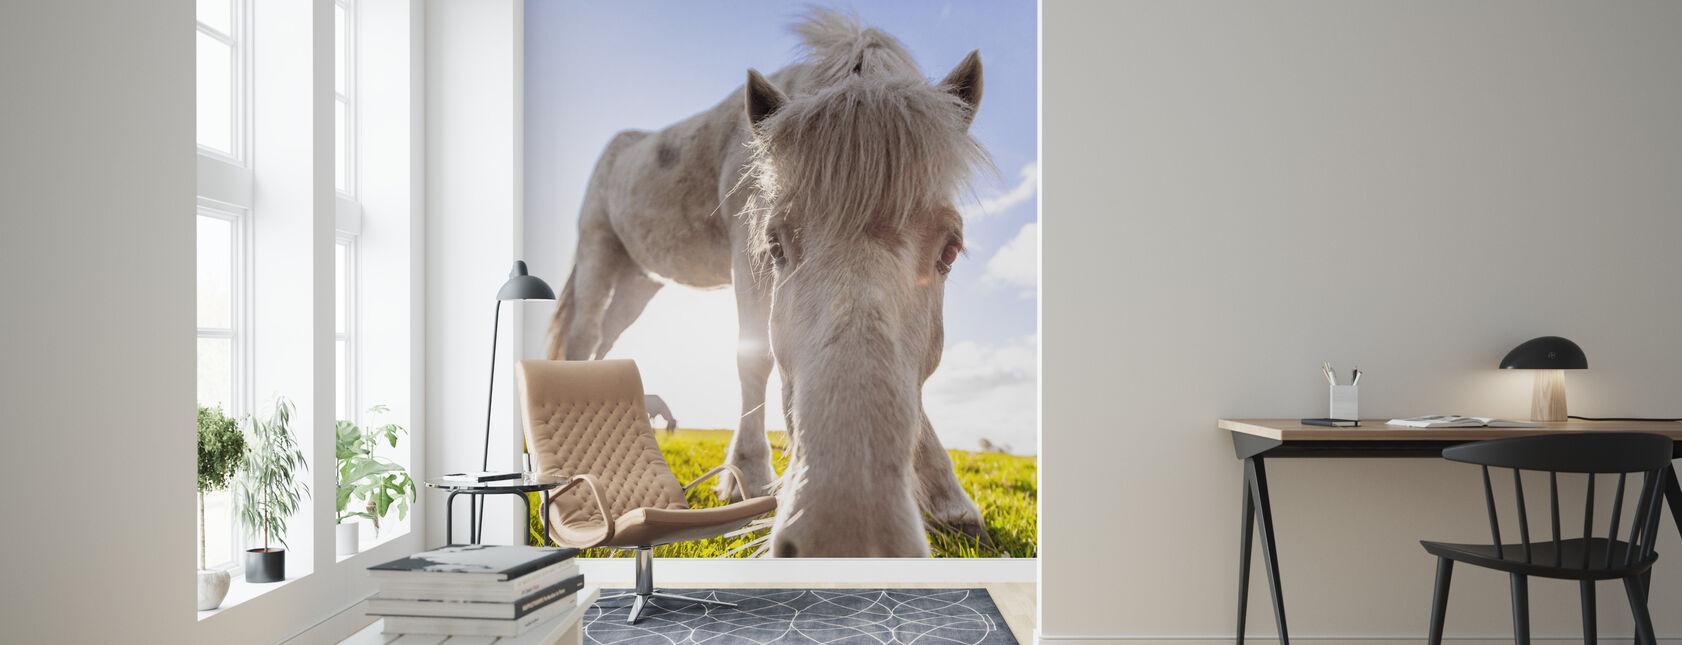 White Horse - Wallpaper - Living Room